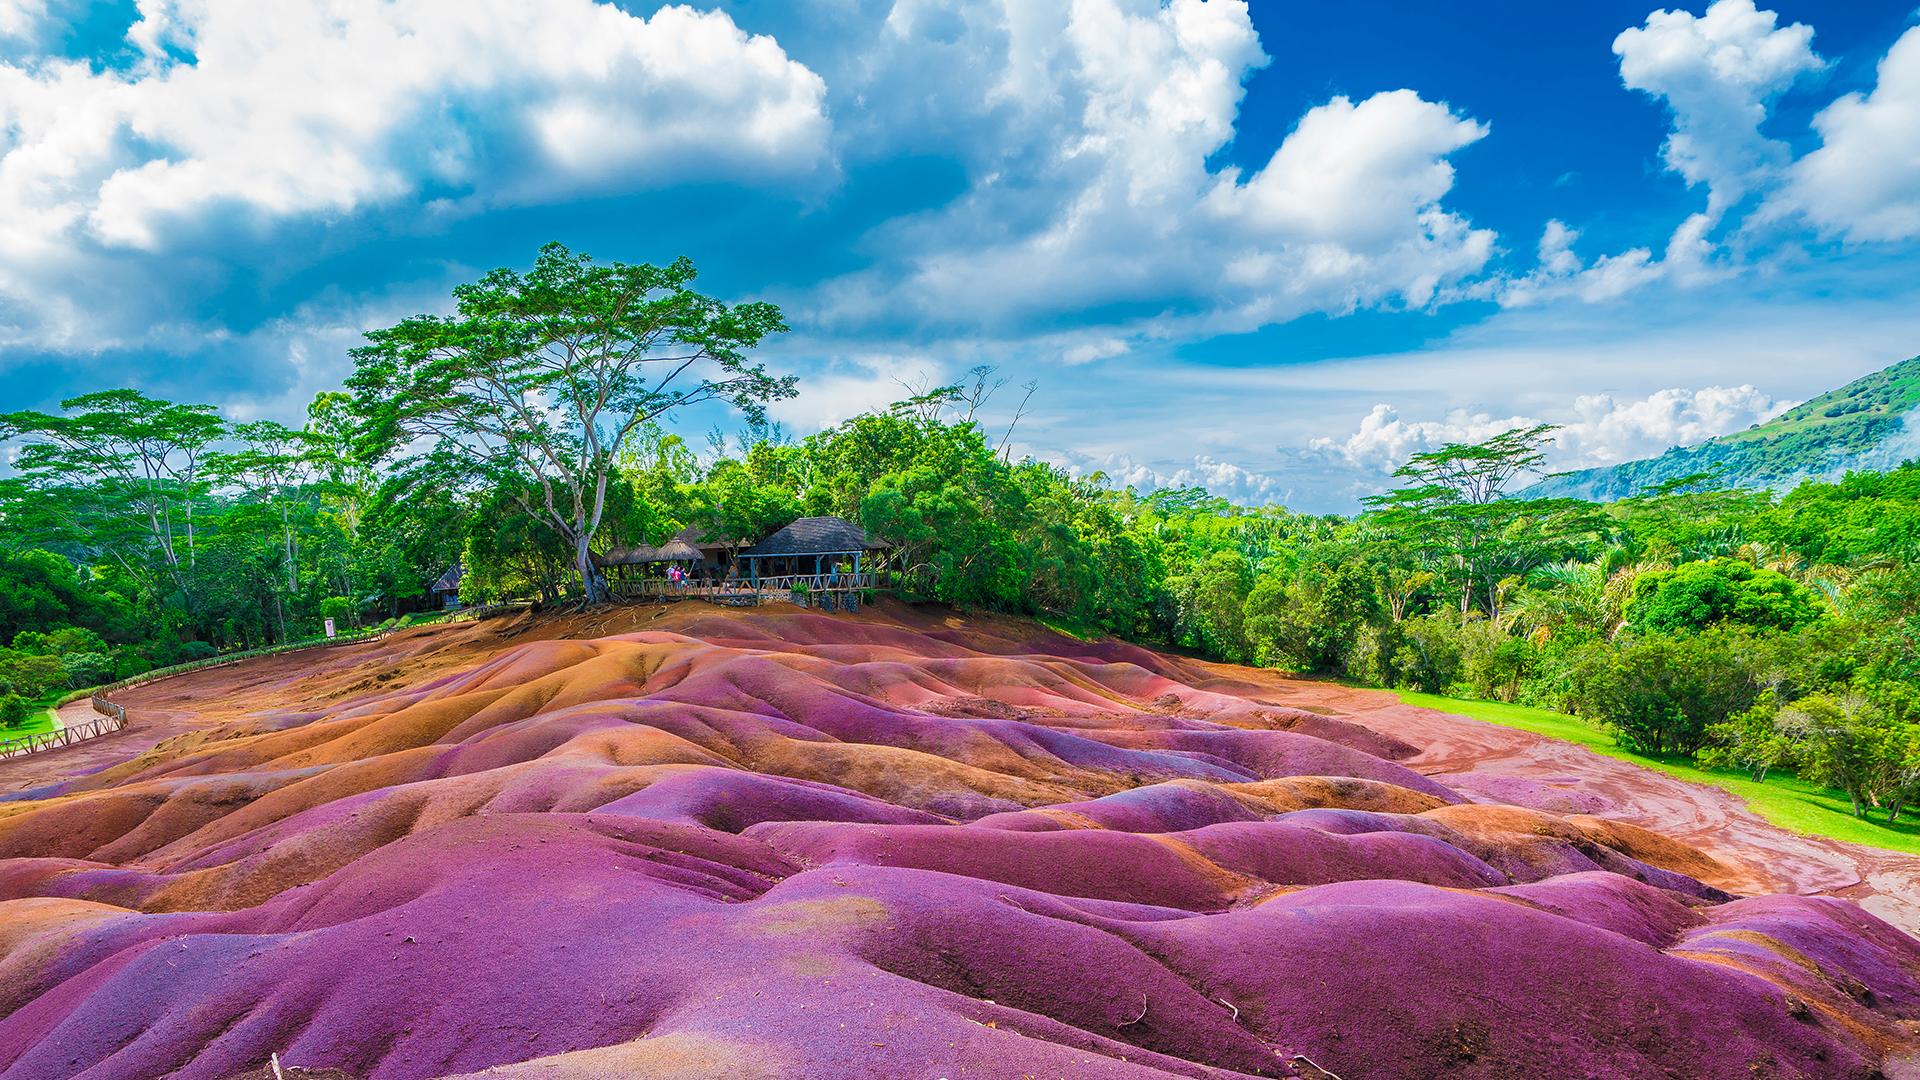 Mauricio es una de las islas tropicales más bellas y accesibles de la costa este de África